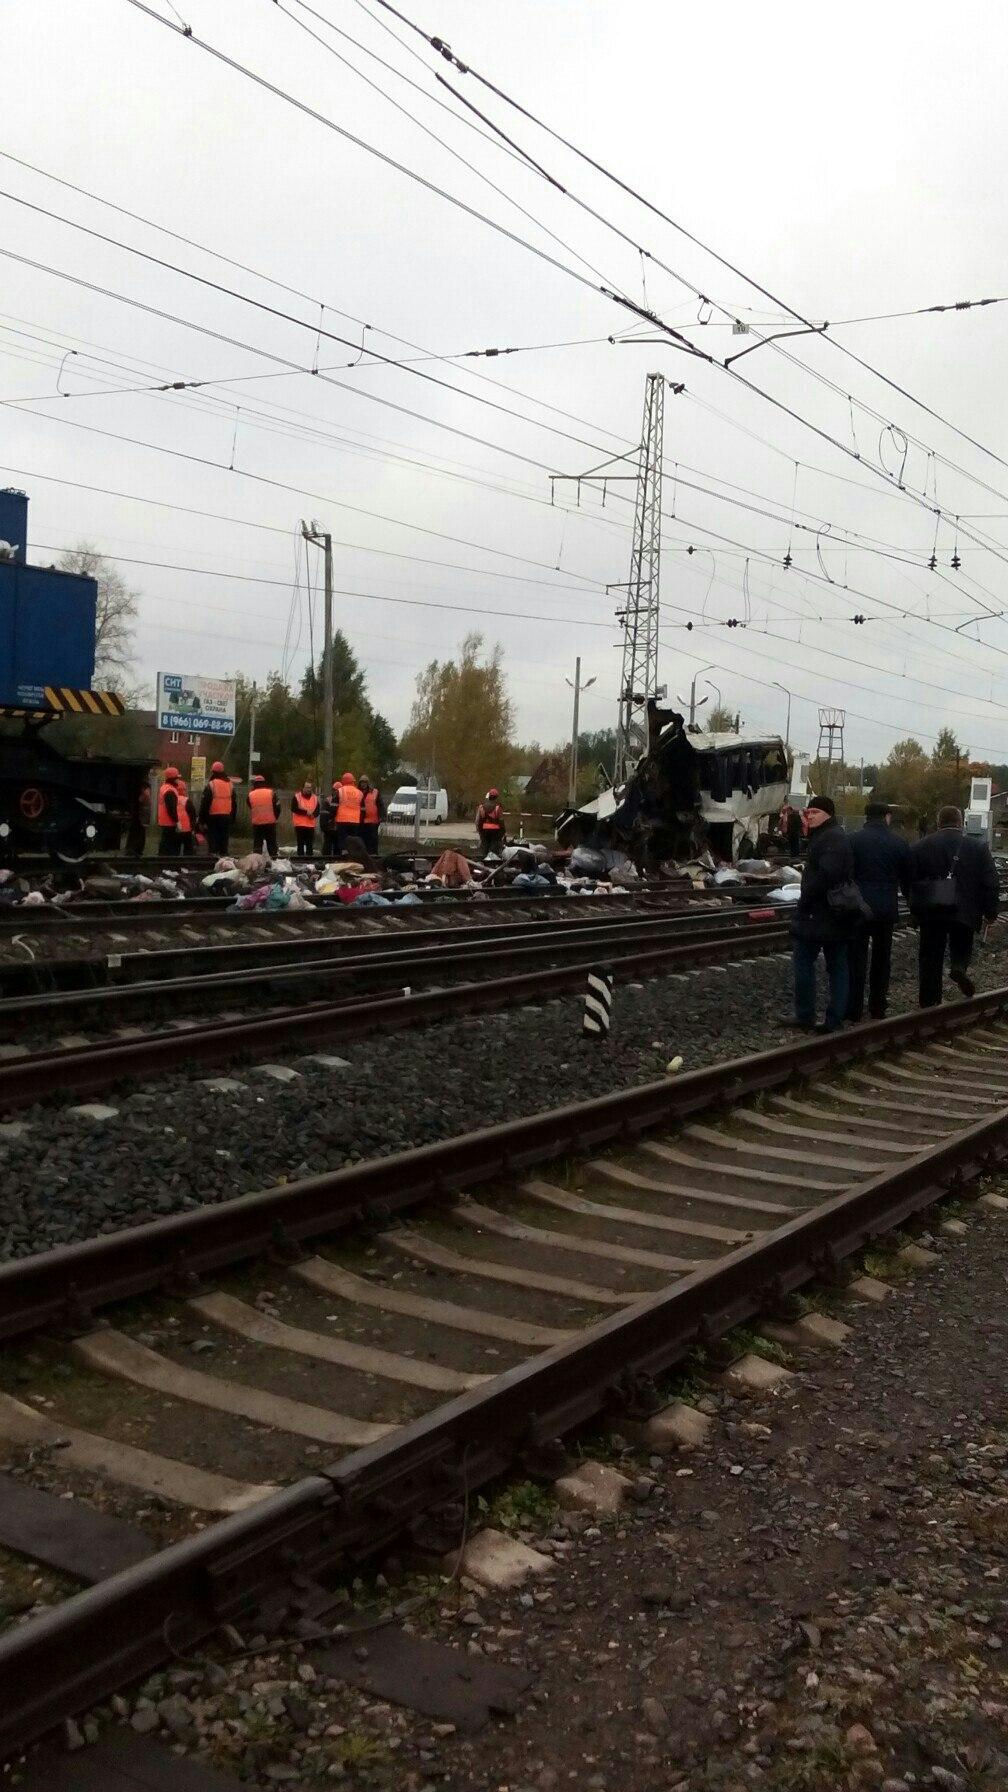 ДТП поезда и автобуса под Владимиром, 19 погибших - все что известно на данный момент